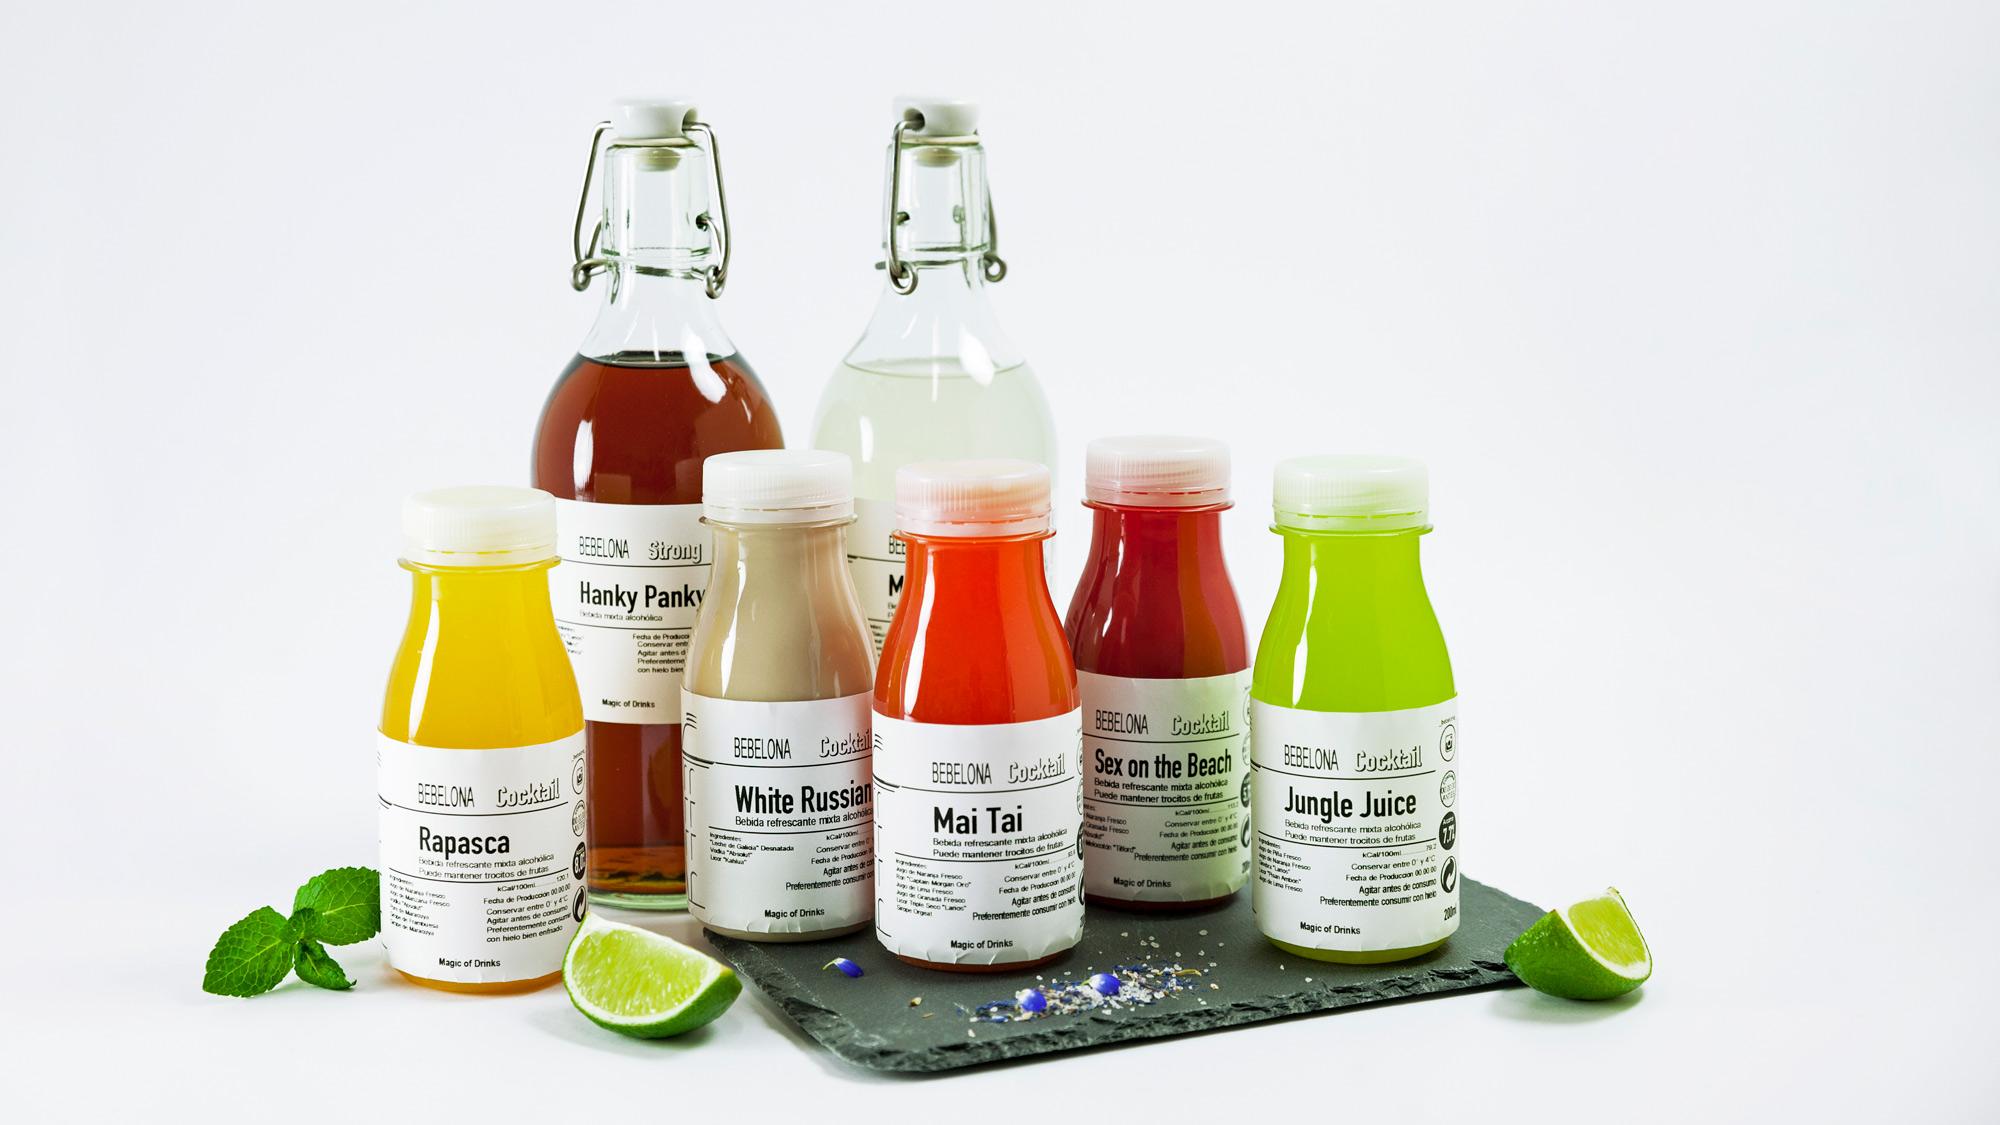 Fresh mix - Disfruta de los cócteles FRESCO HECHO de nuestras recetas y de populares adaptadas por Bebelona. Usamos las bebidas famosas alcohólicas, siropes y purés mezclados con jugos COLD PRESS